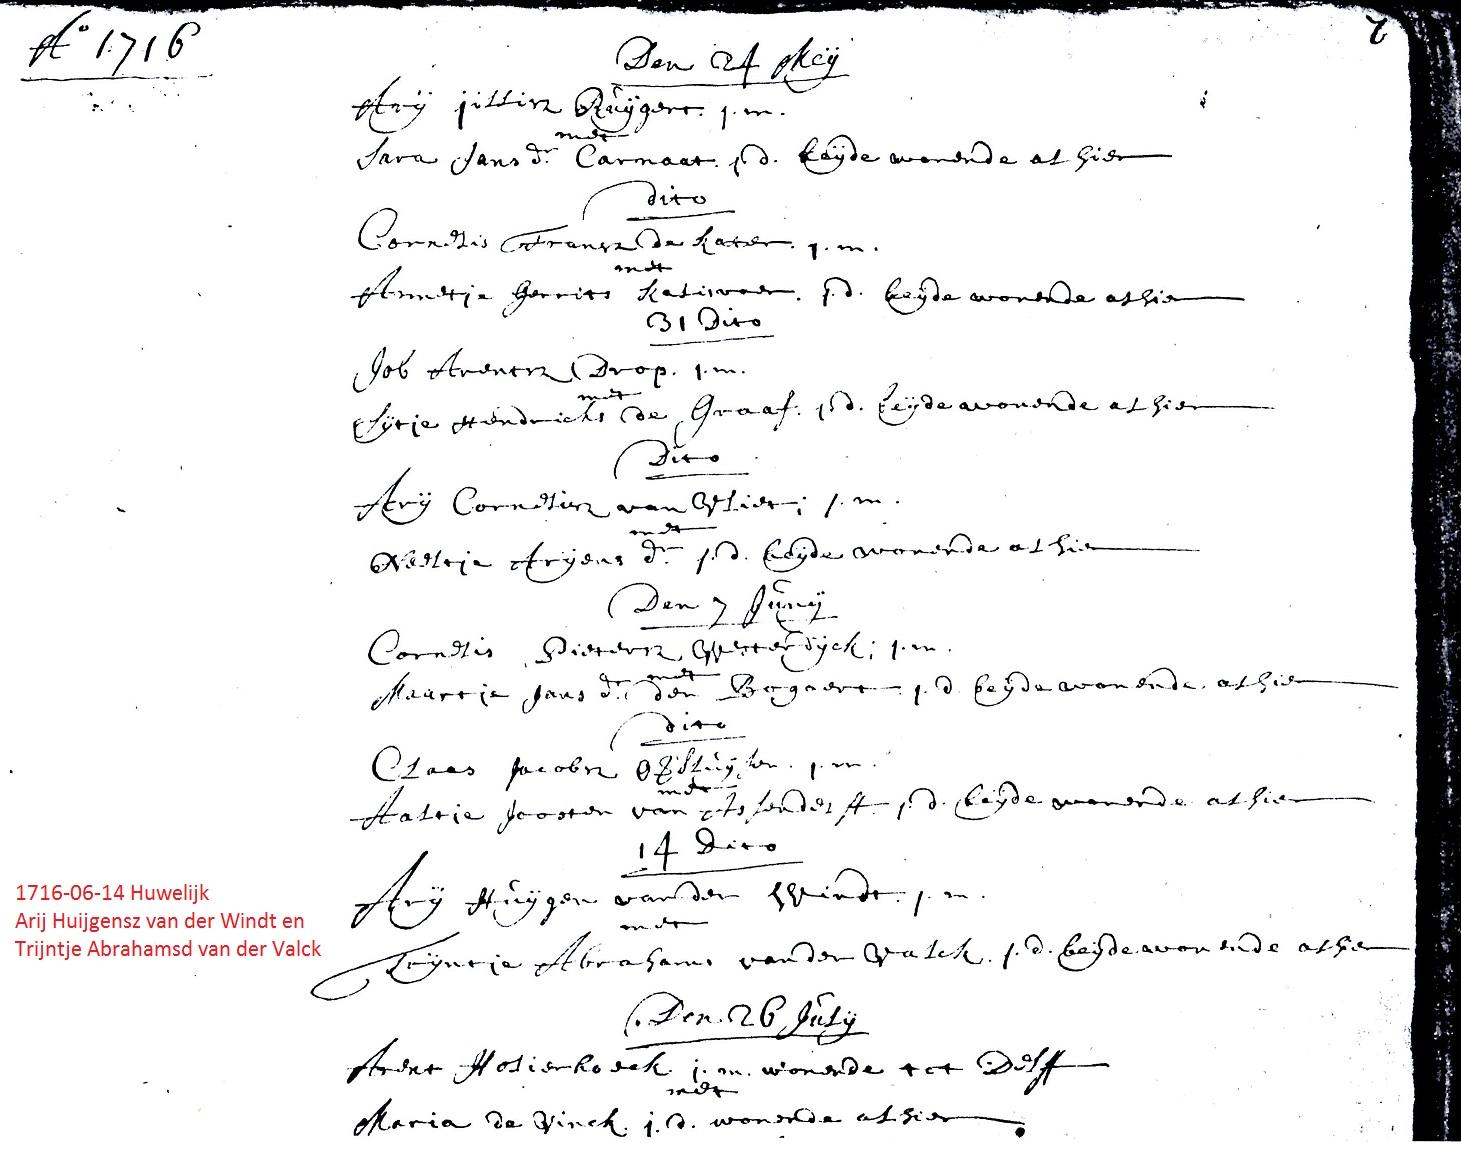 1716-06-14 Trouwakte Arij Huijgensz van der Windt en Trijntje Abrahamsd van der Valck